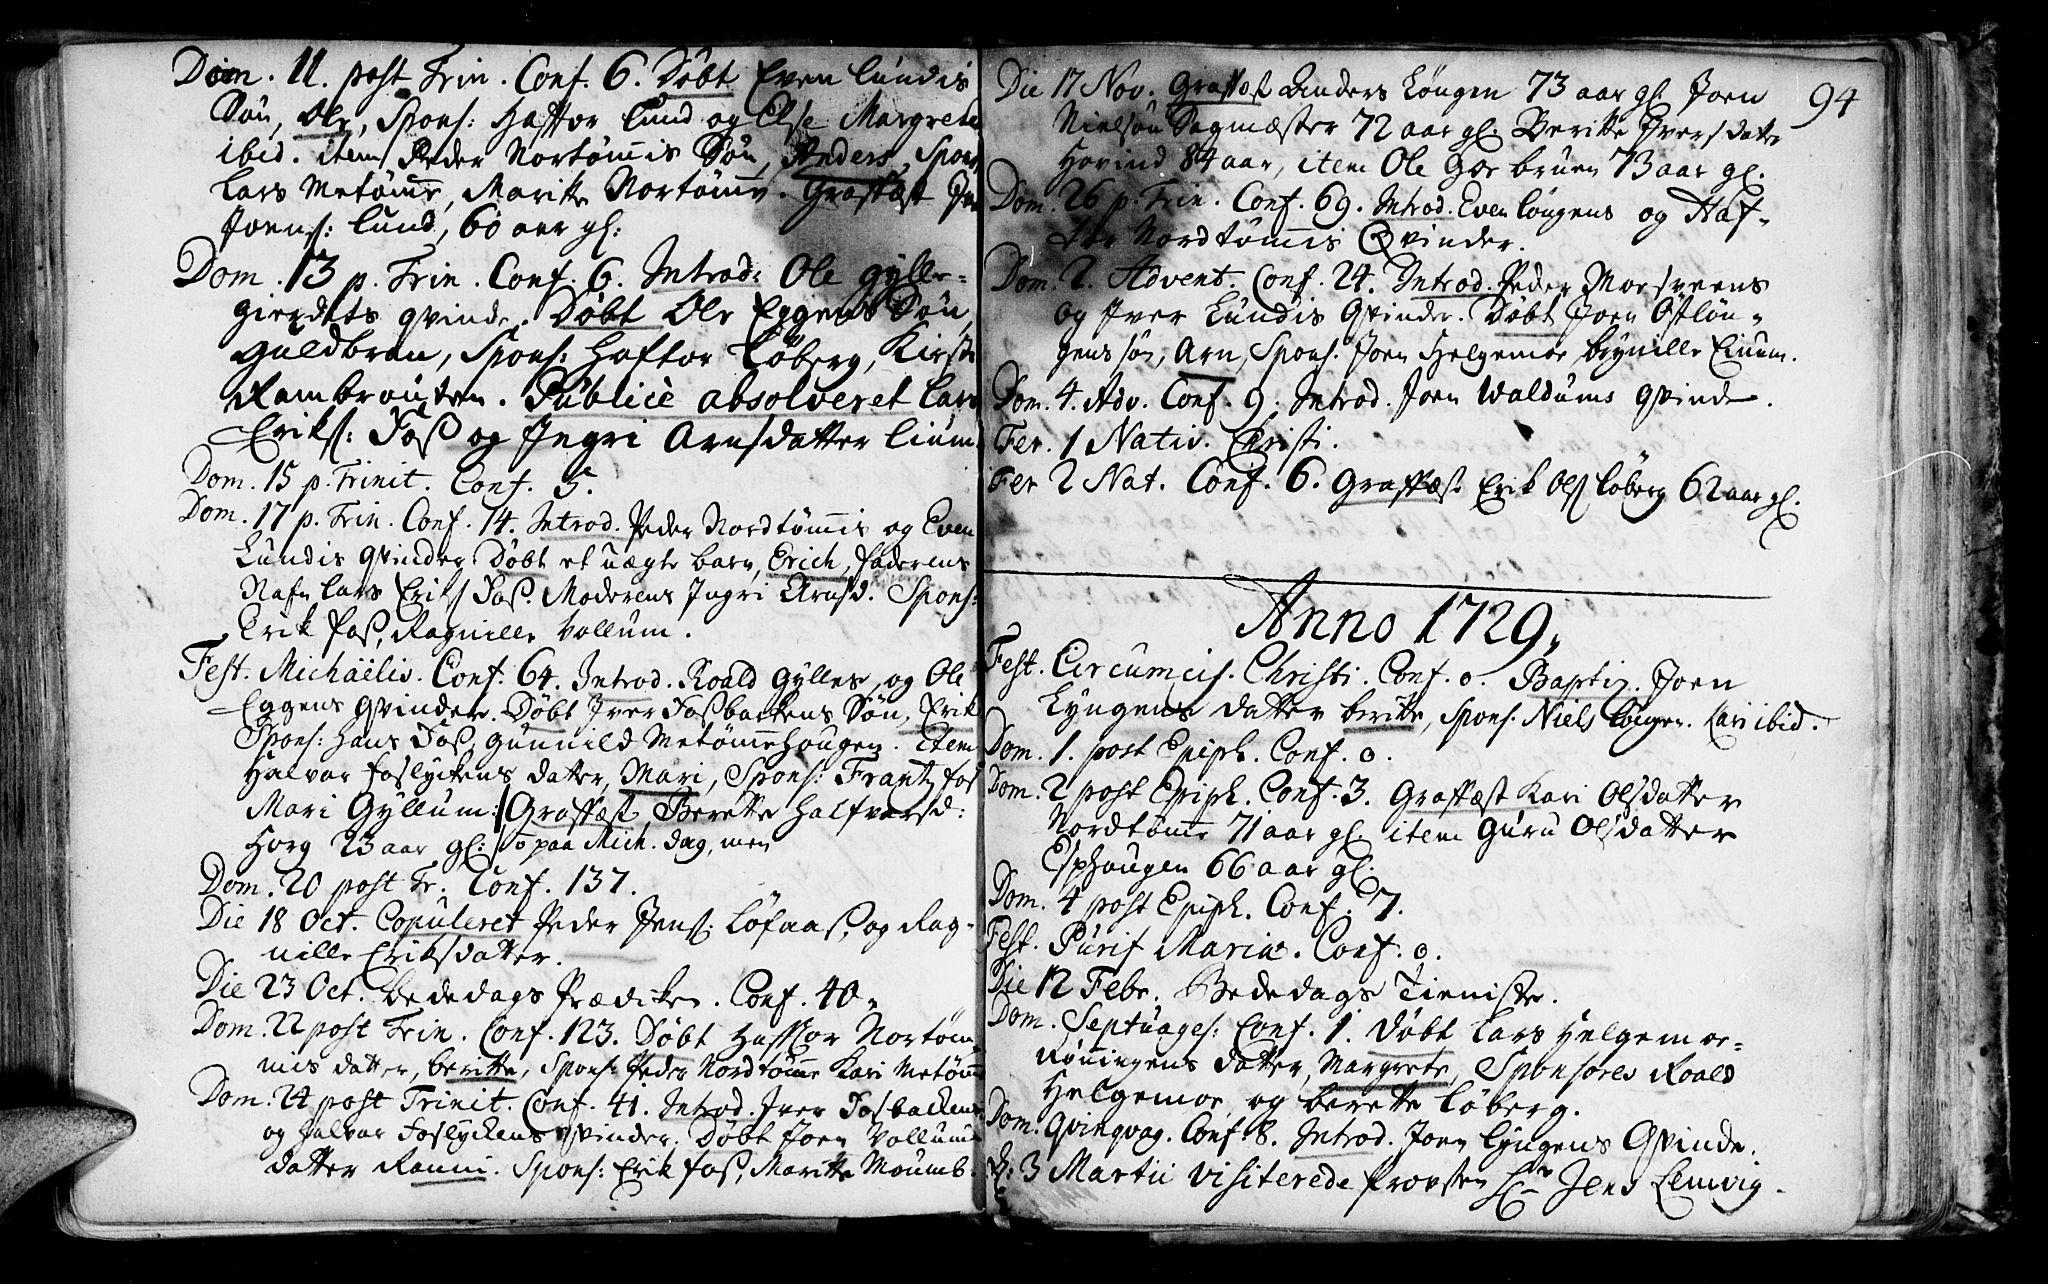 SAT, Ministerialprotokoller, klokkerbøker og fødselsregistre - Sør-Trøndelag, 692/L1101: Ministerialbok nr. 692A01, 1690-1746, s. 94